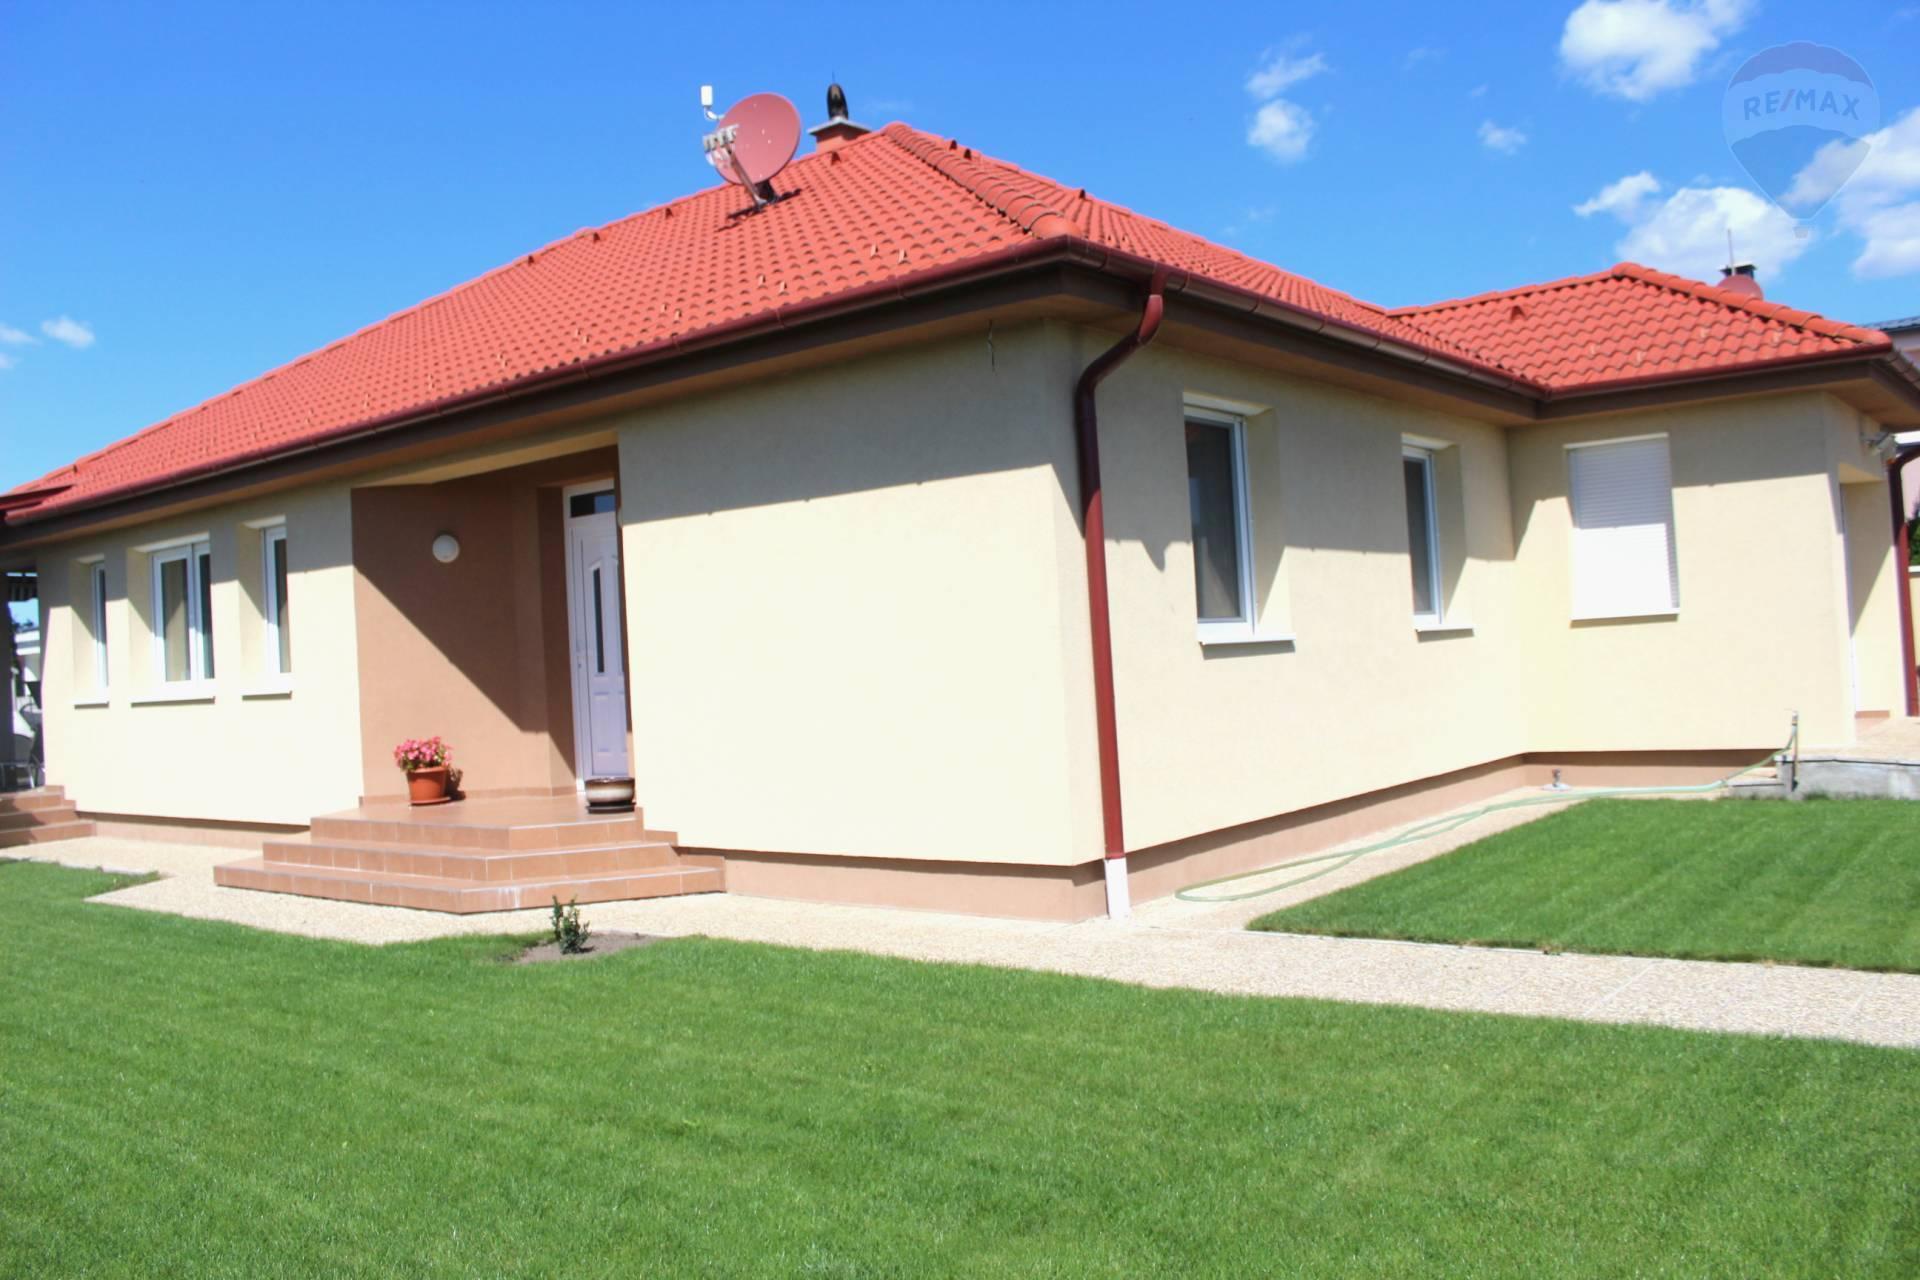 Predaj priestranný 4 izb. RD s garážou v príjemnej lokalite Rajky